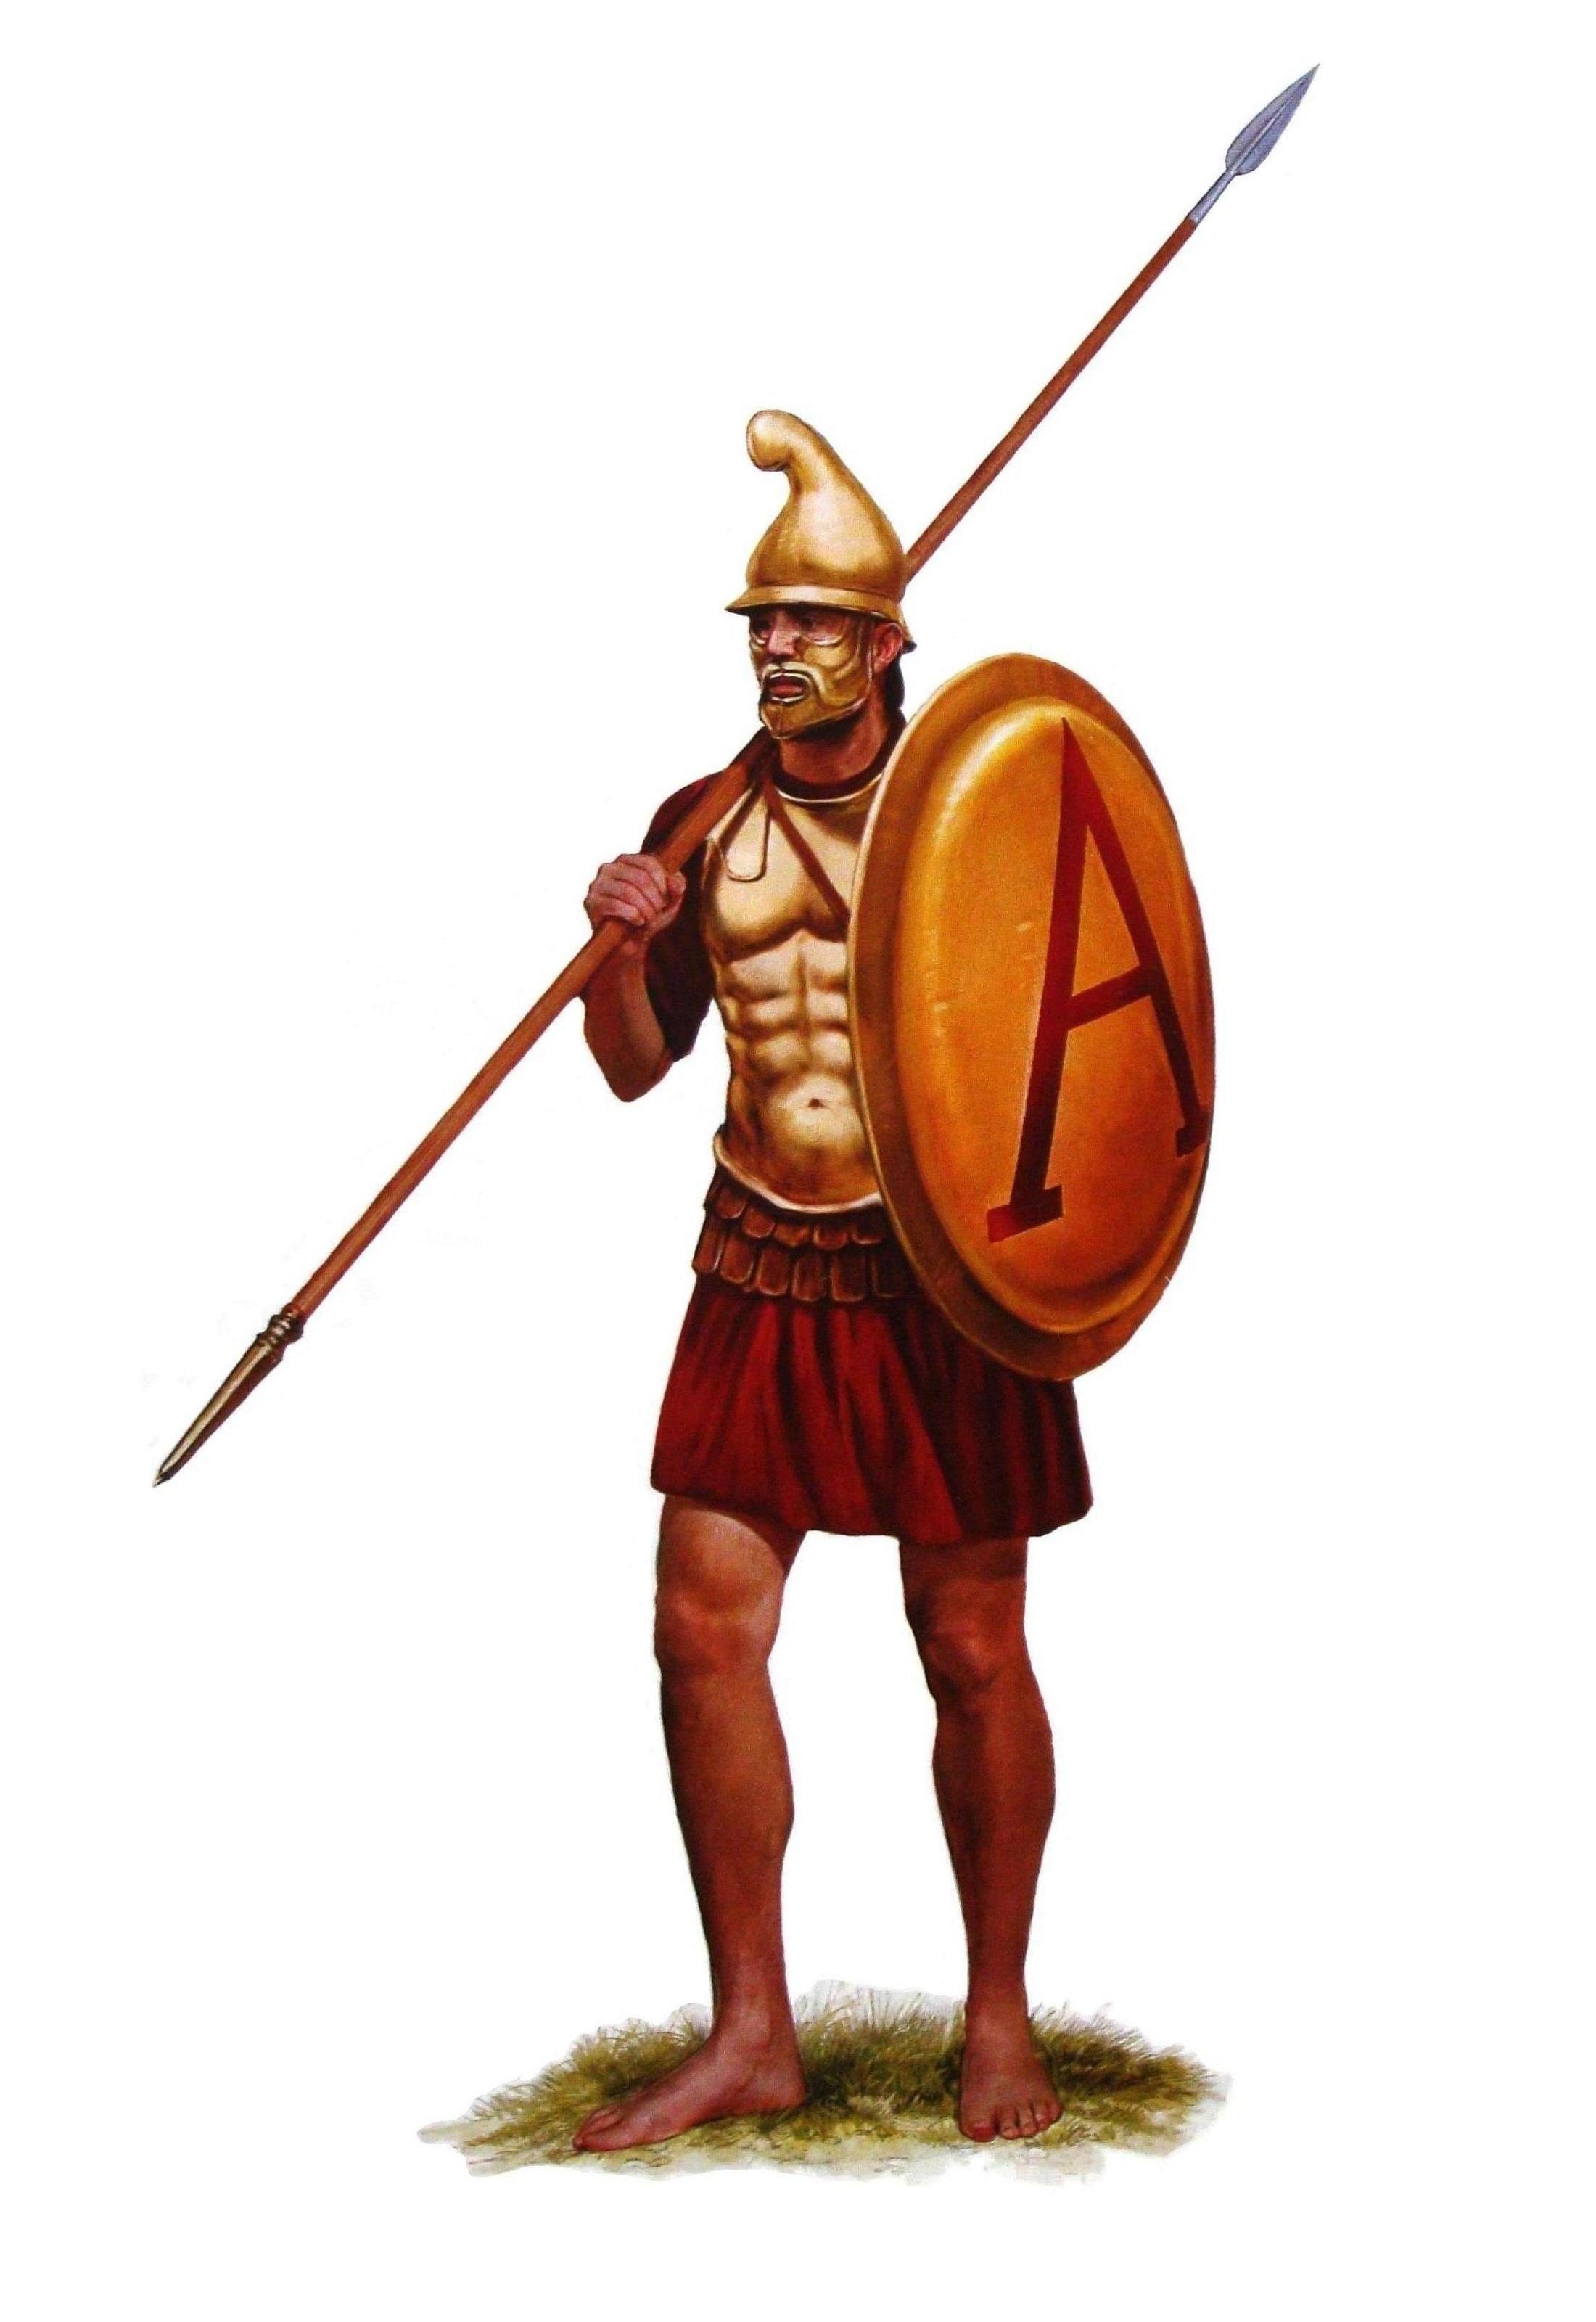 блядь, картинки доспехи воинов александра македонского пример того, что